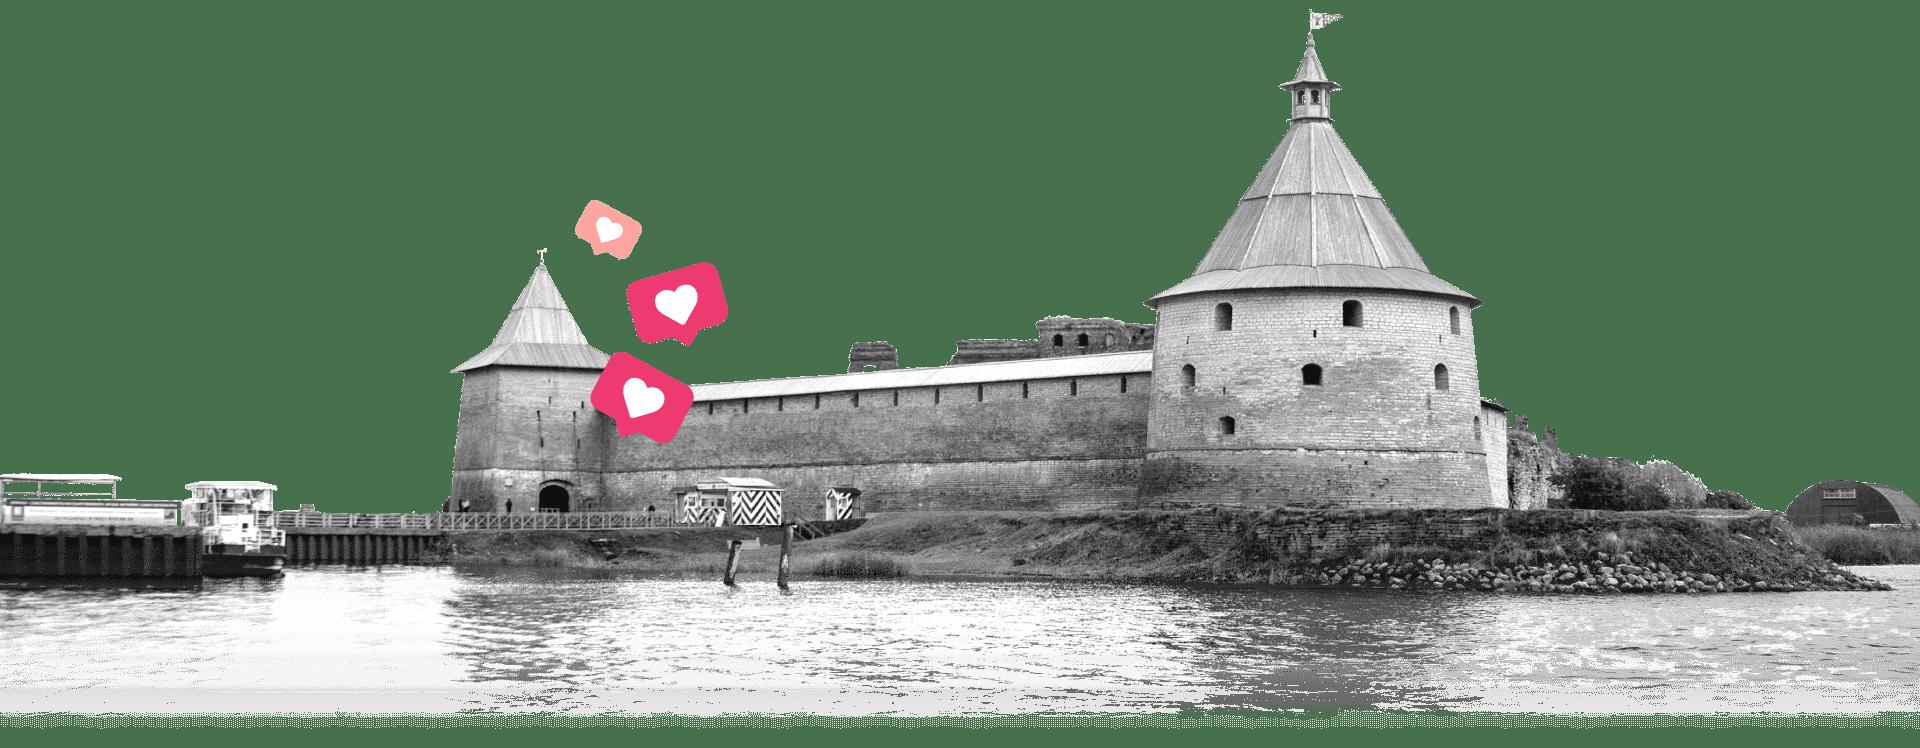 Крепость Орешек - официальный сайт переправы